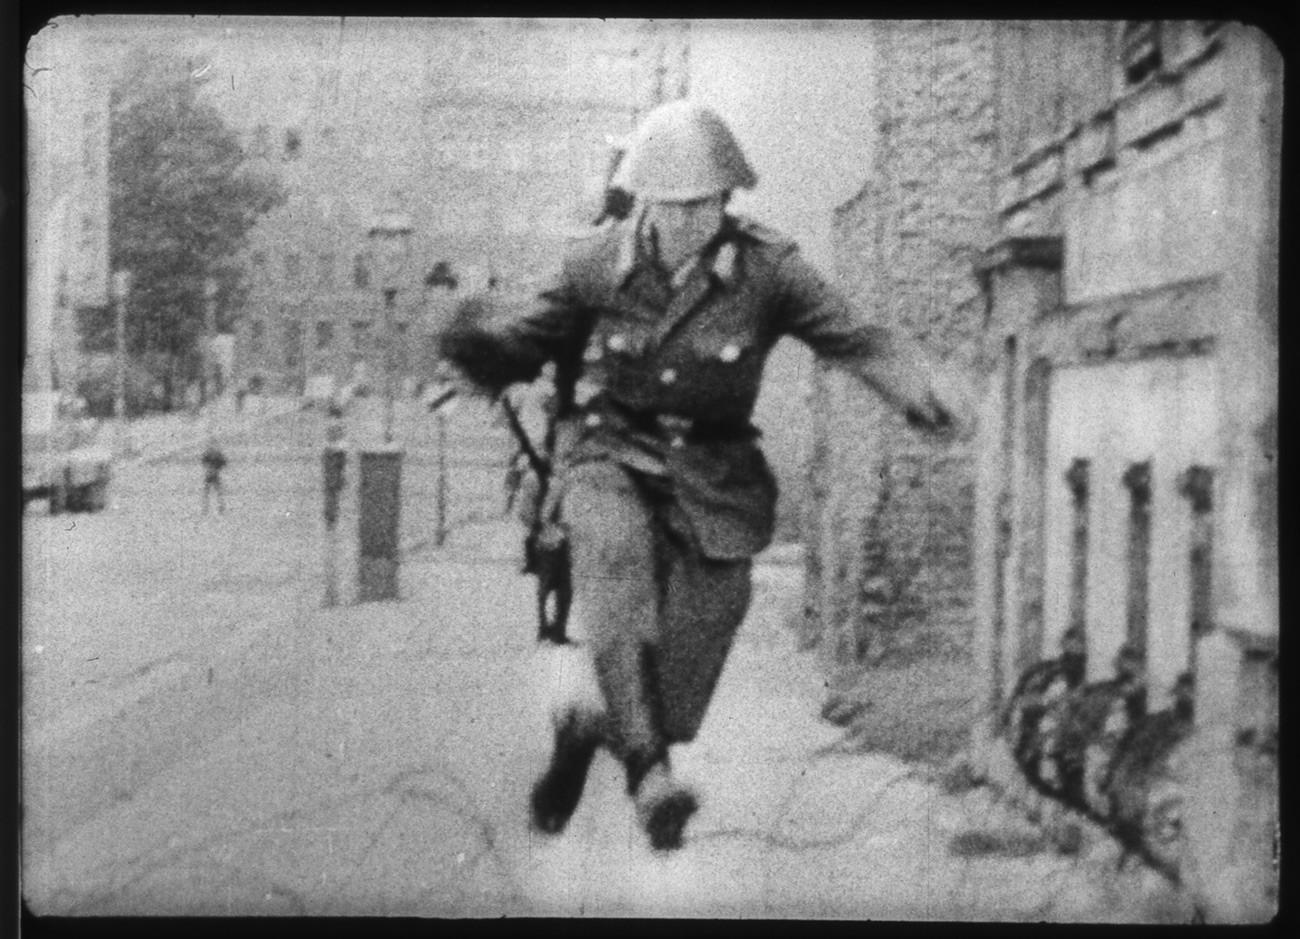 Источнонемачки полицајац Конрад Шуман прескаче бодљикаву жицу.